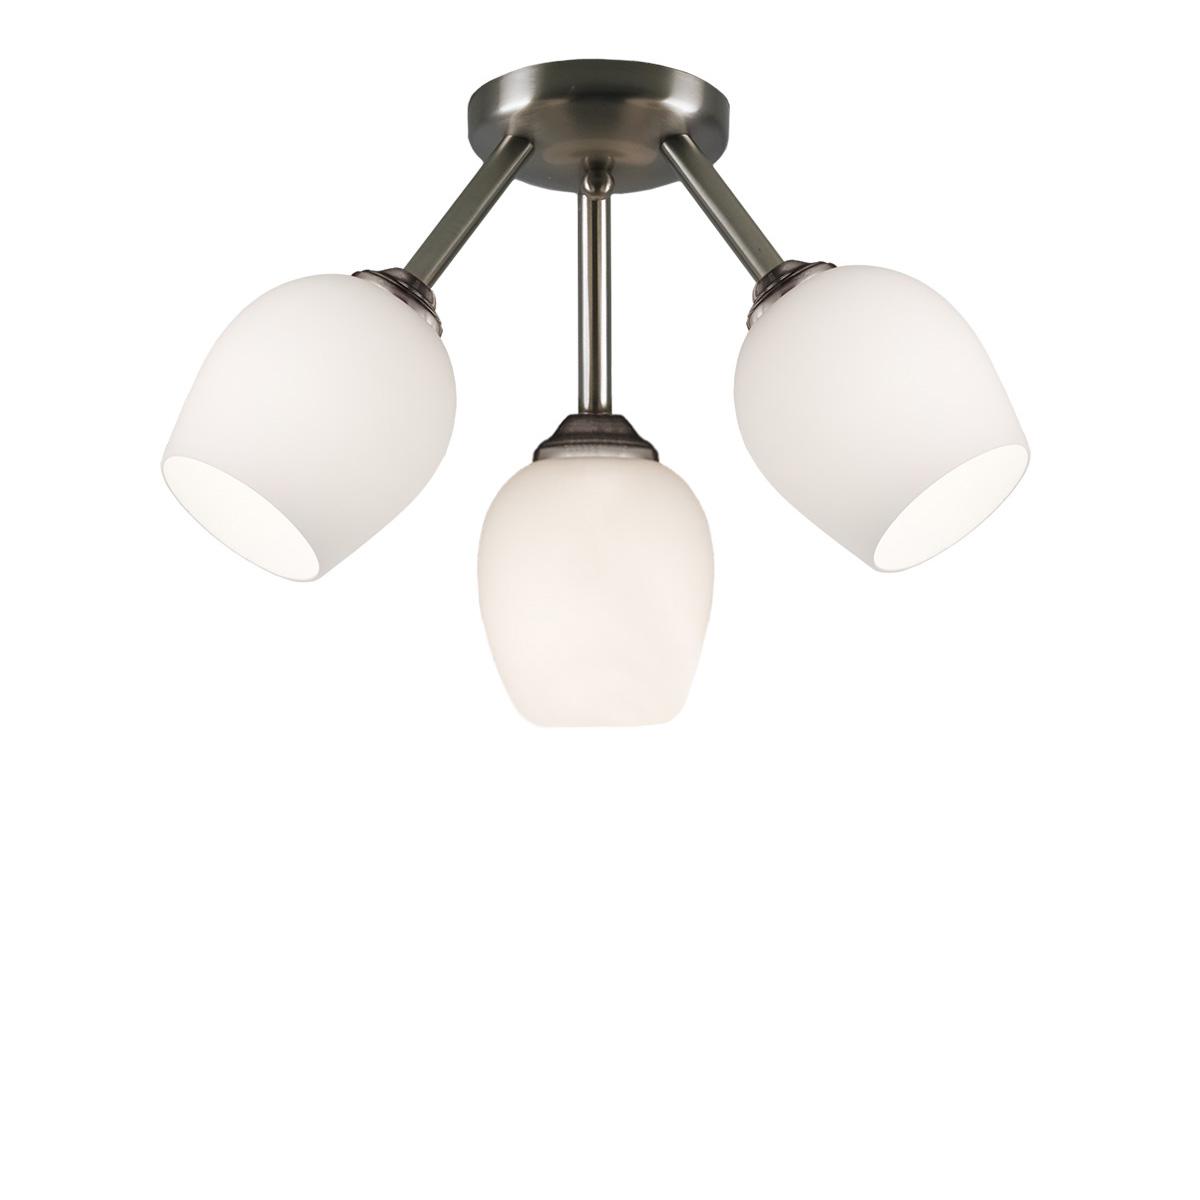 Φωτιστικό οροφής SWING ceiling lamp